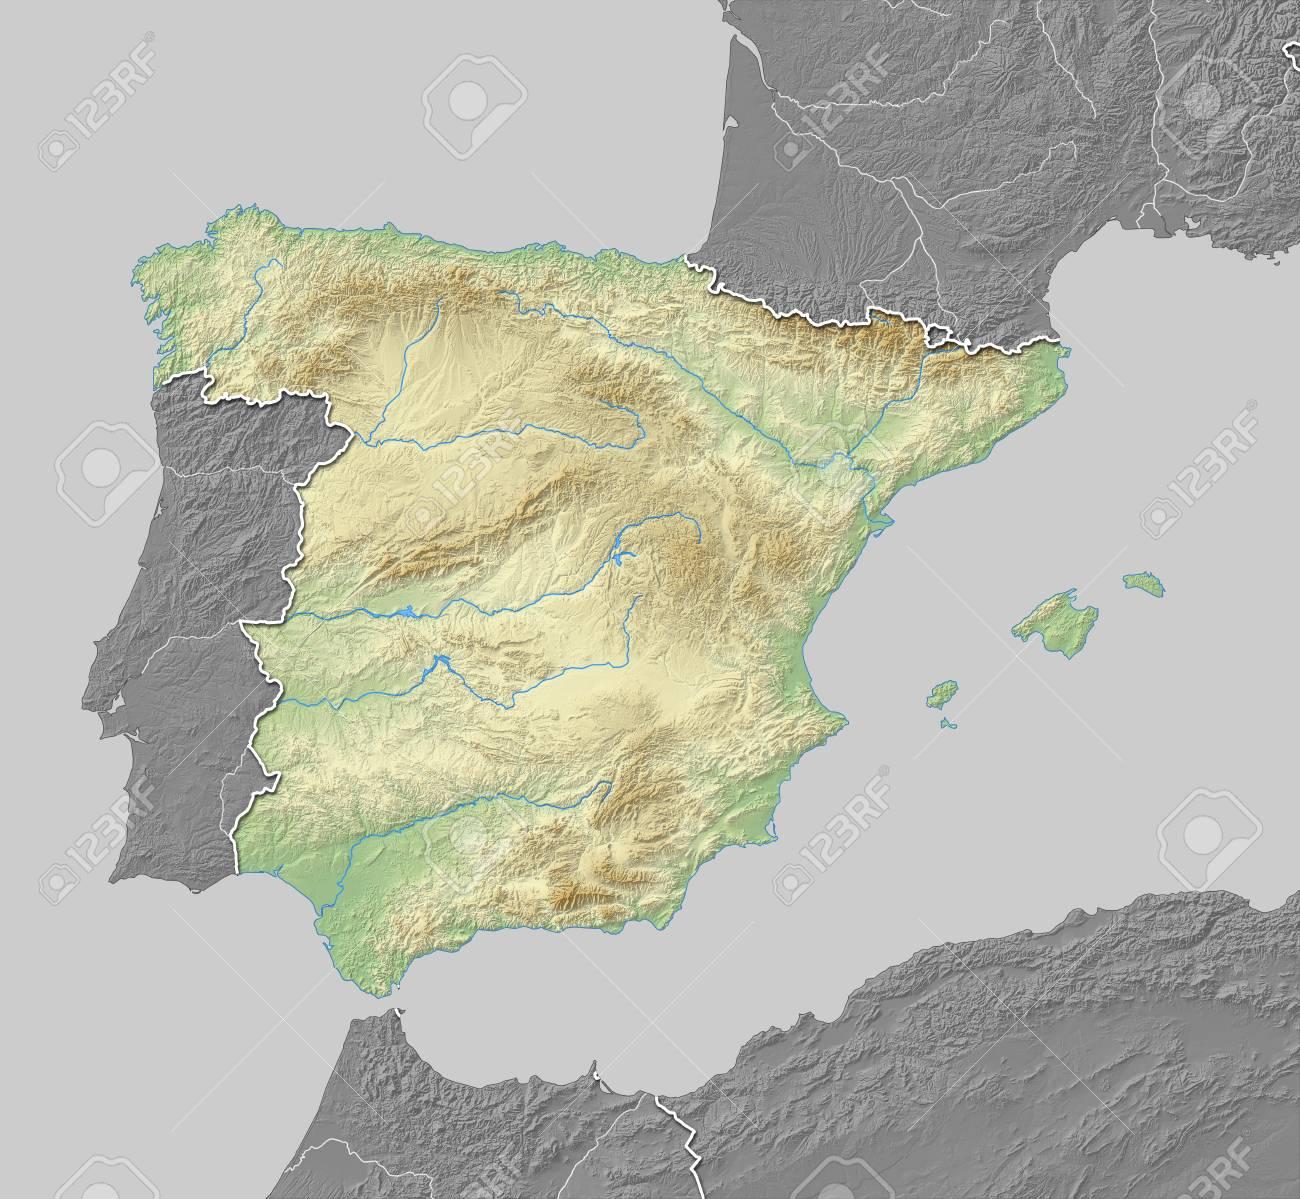 Carte Espagne Noir Et Blanc.Carte De L Espagne Avec Relief Ombre Les Pays Voisins Sont En Noir Et Blanc